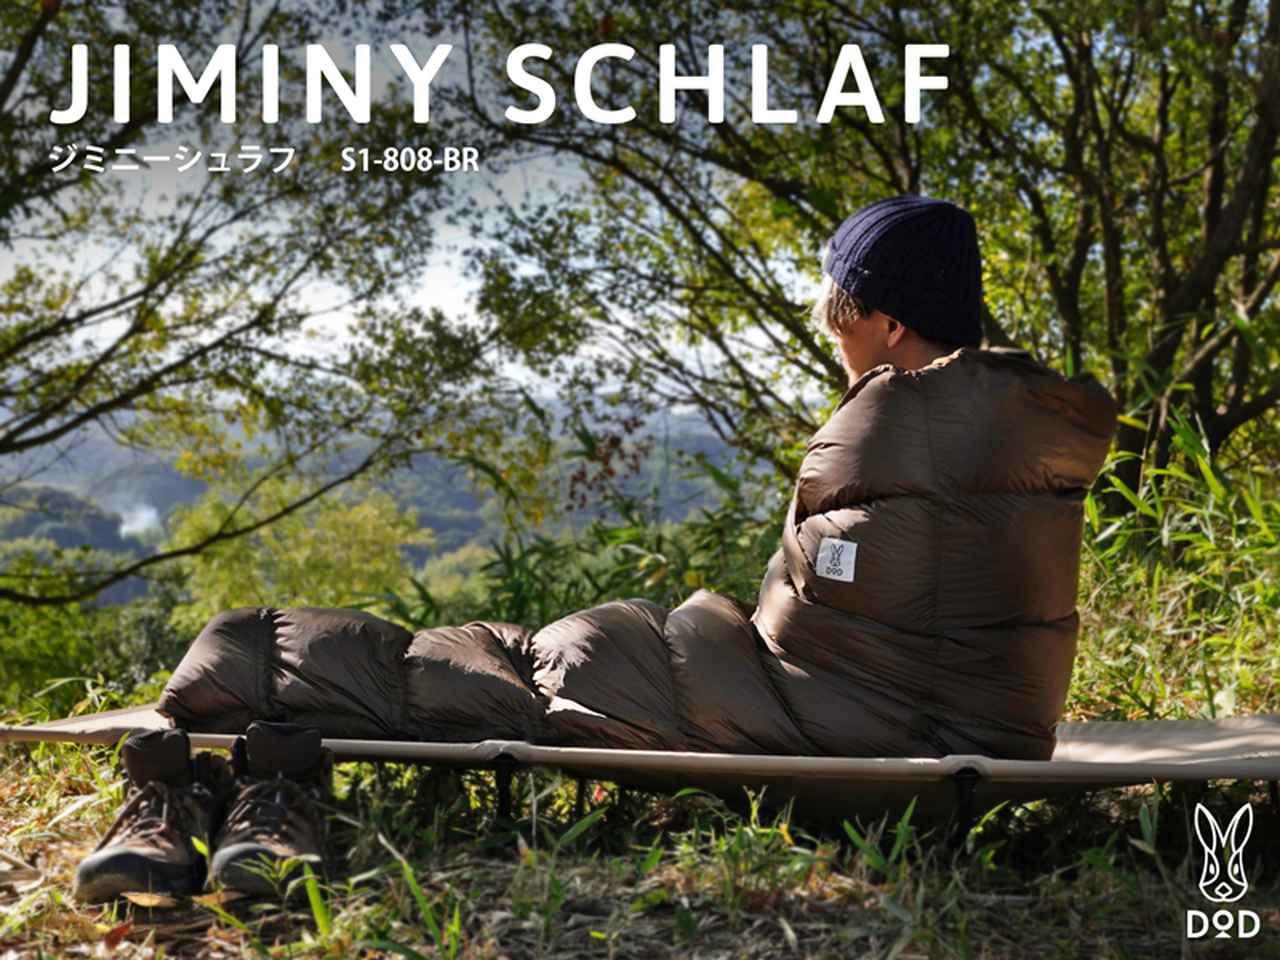 画像: 【注目リリース】キャンプ初心者も使いやすい。DOD(ディーオーディー)のダウン寝袋「ジミニーシュラフ」発売! - ハピキャン(HAPPY CAMPER)